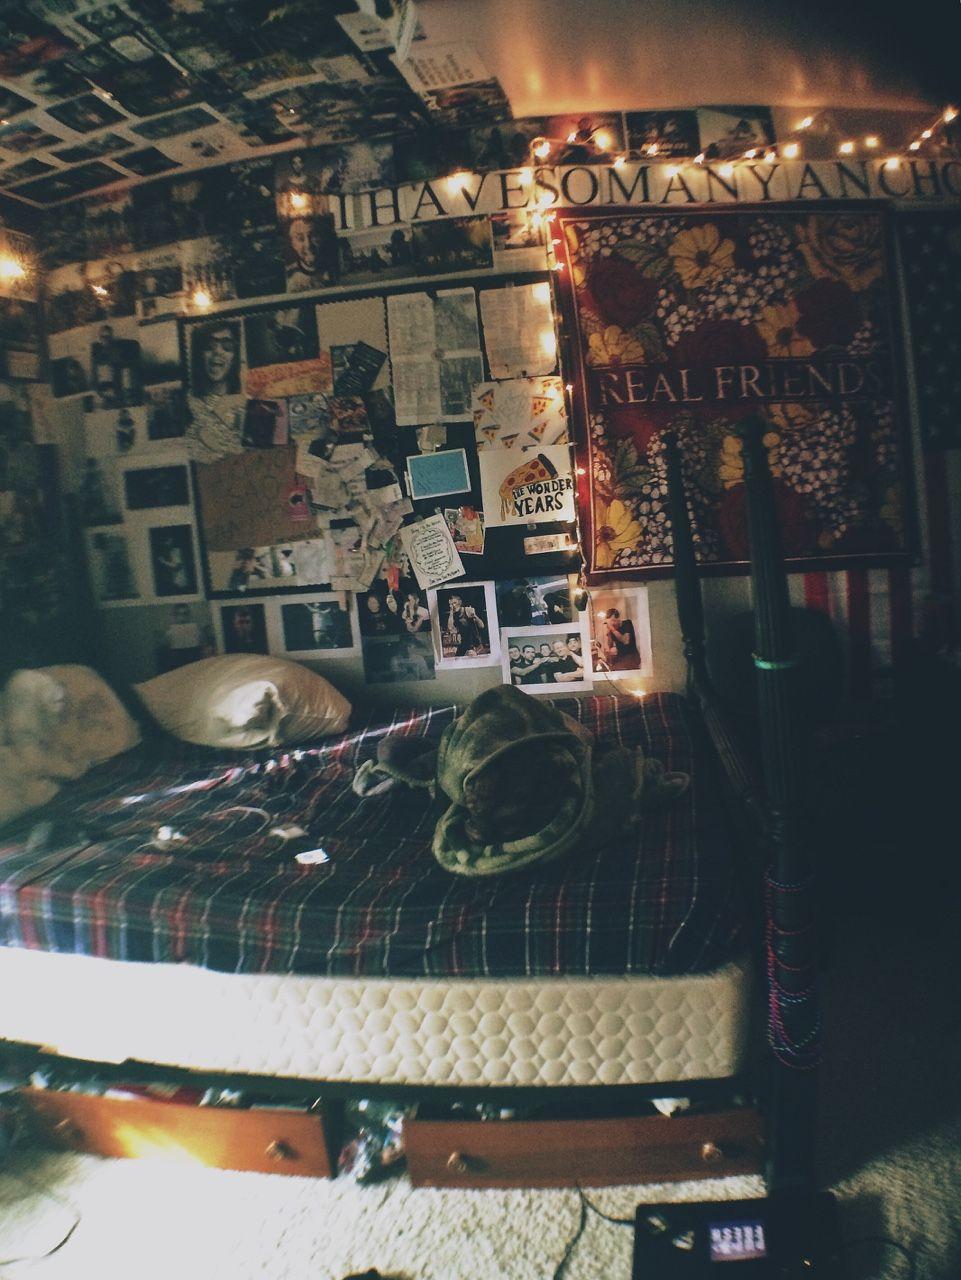 Brookie S Bedroom Punk Room Grunge Room Aesthetic Room Decor